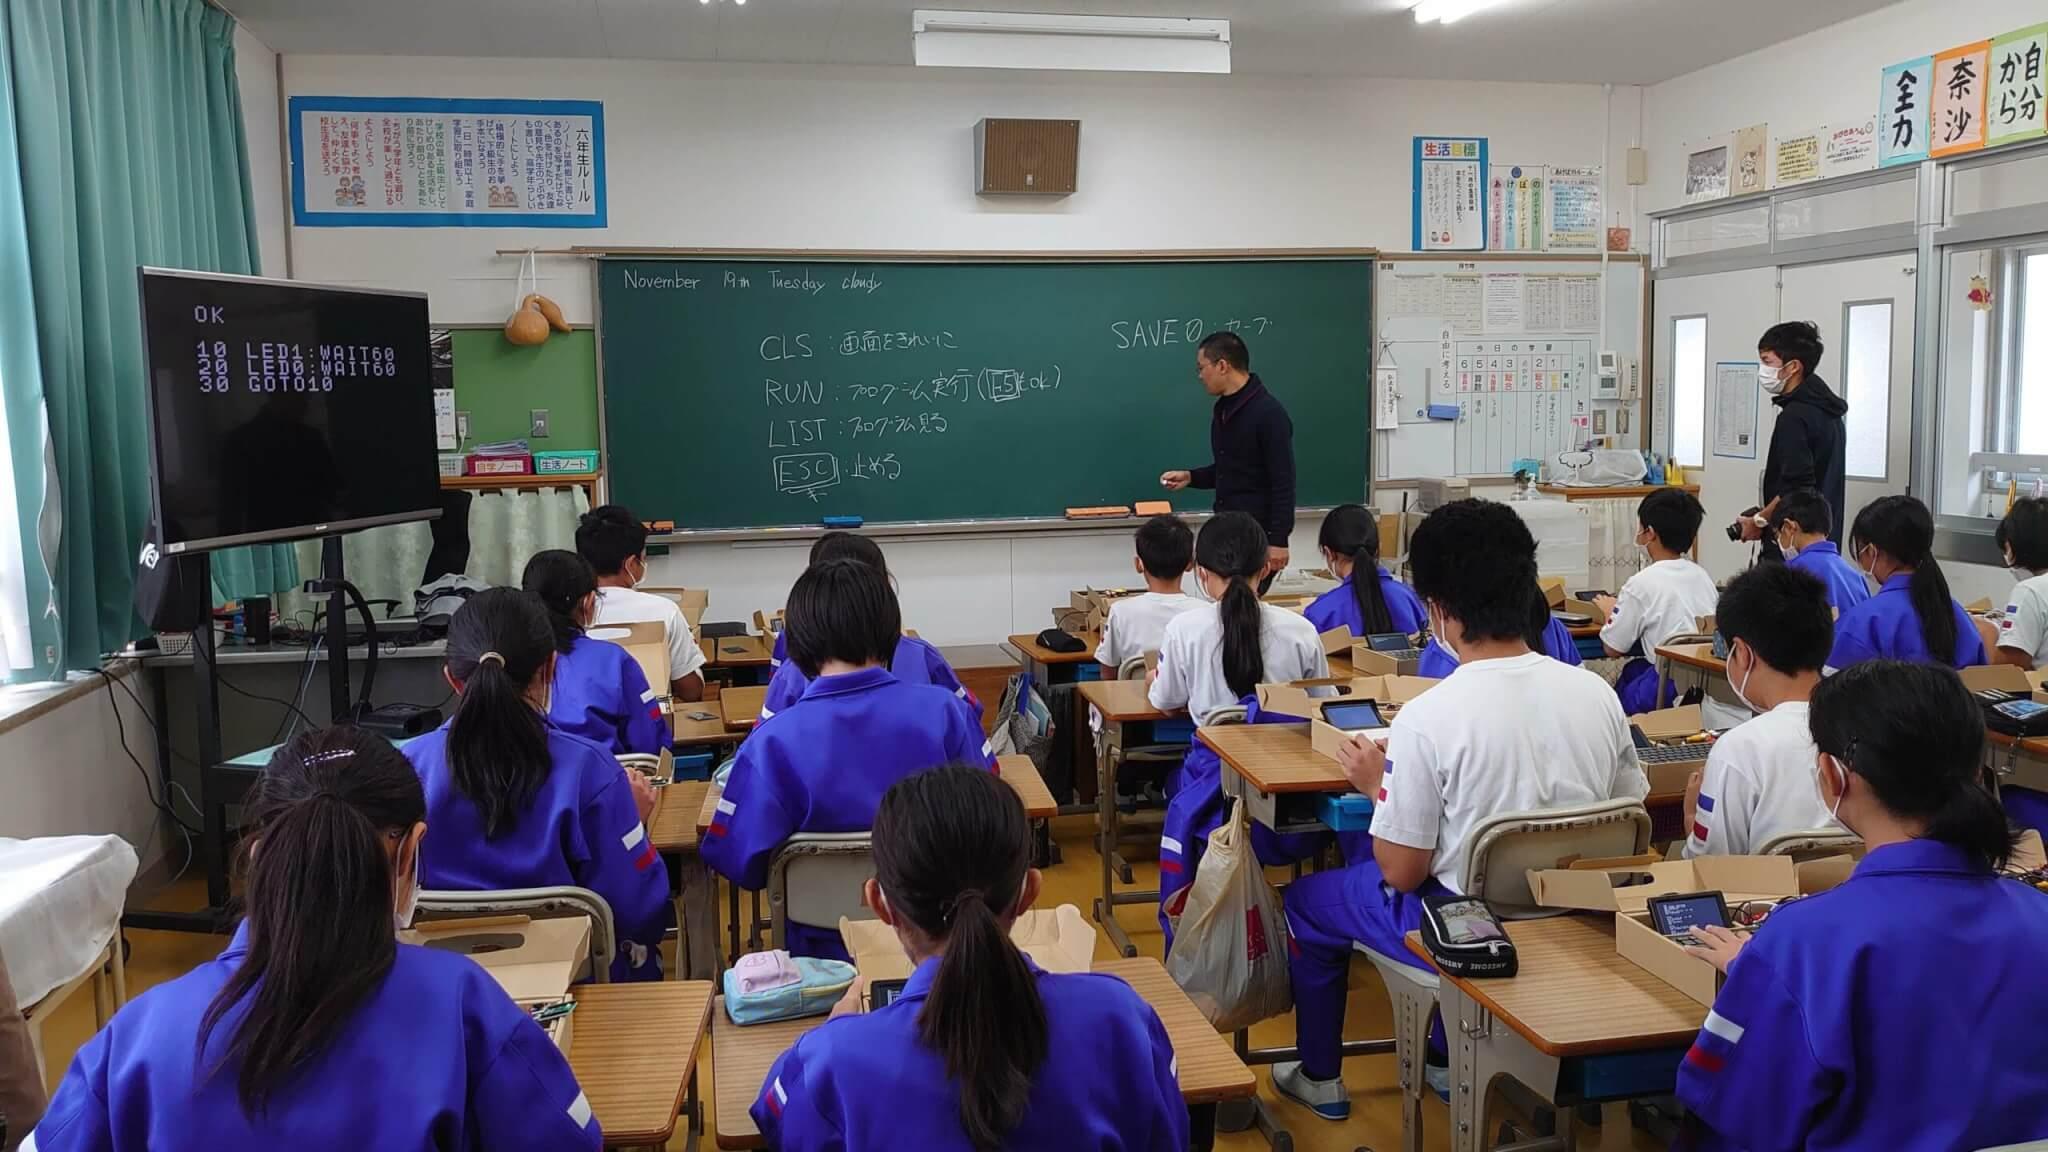 日本の教室にて